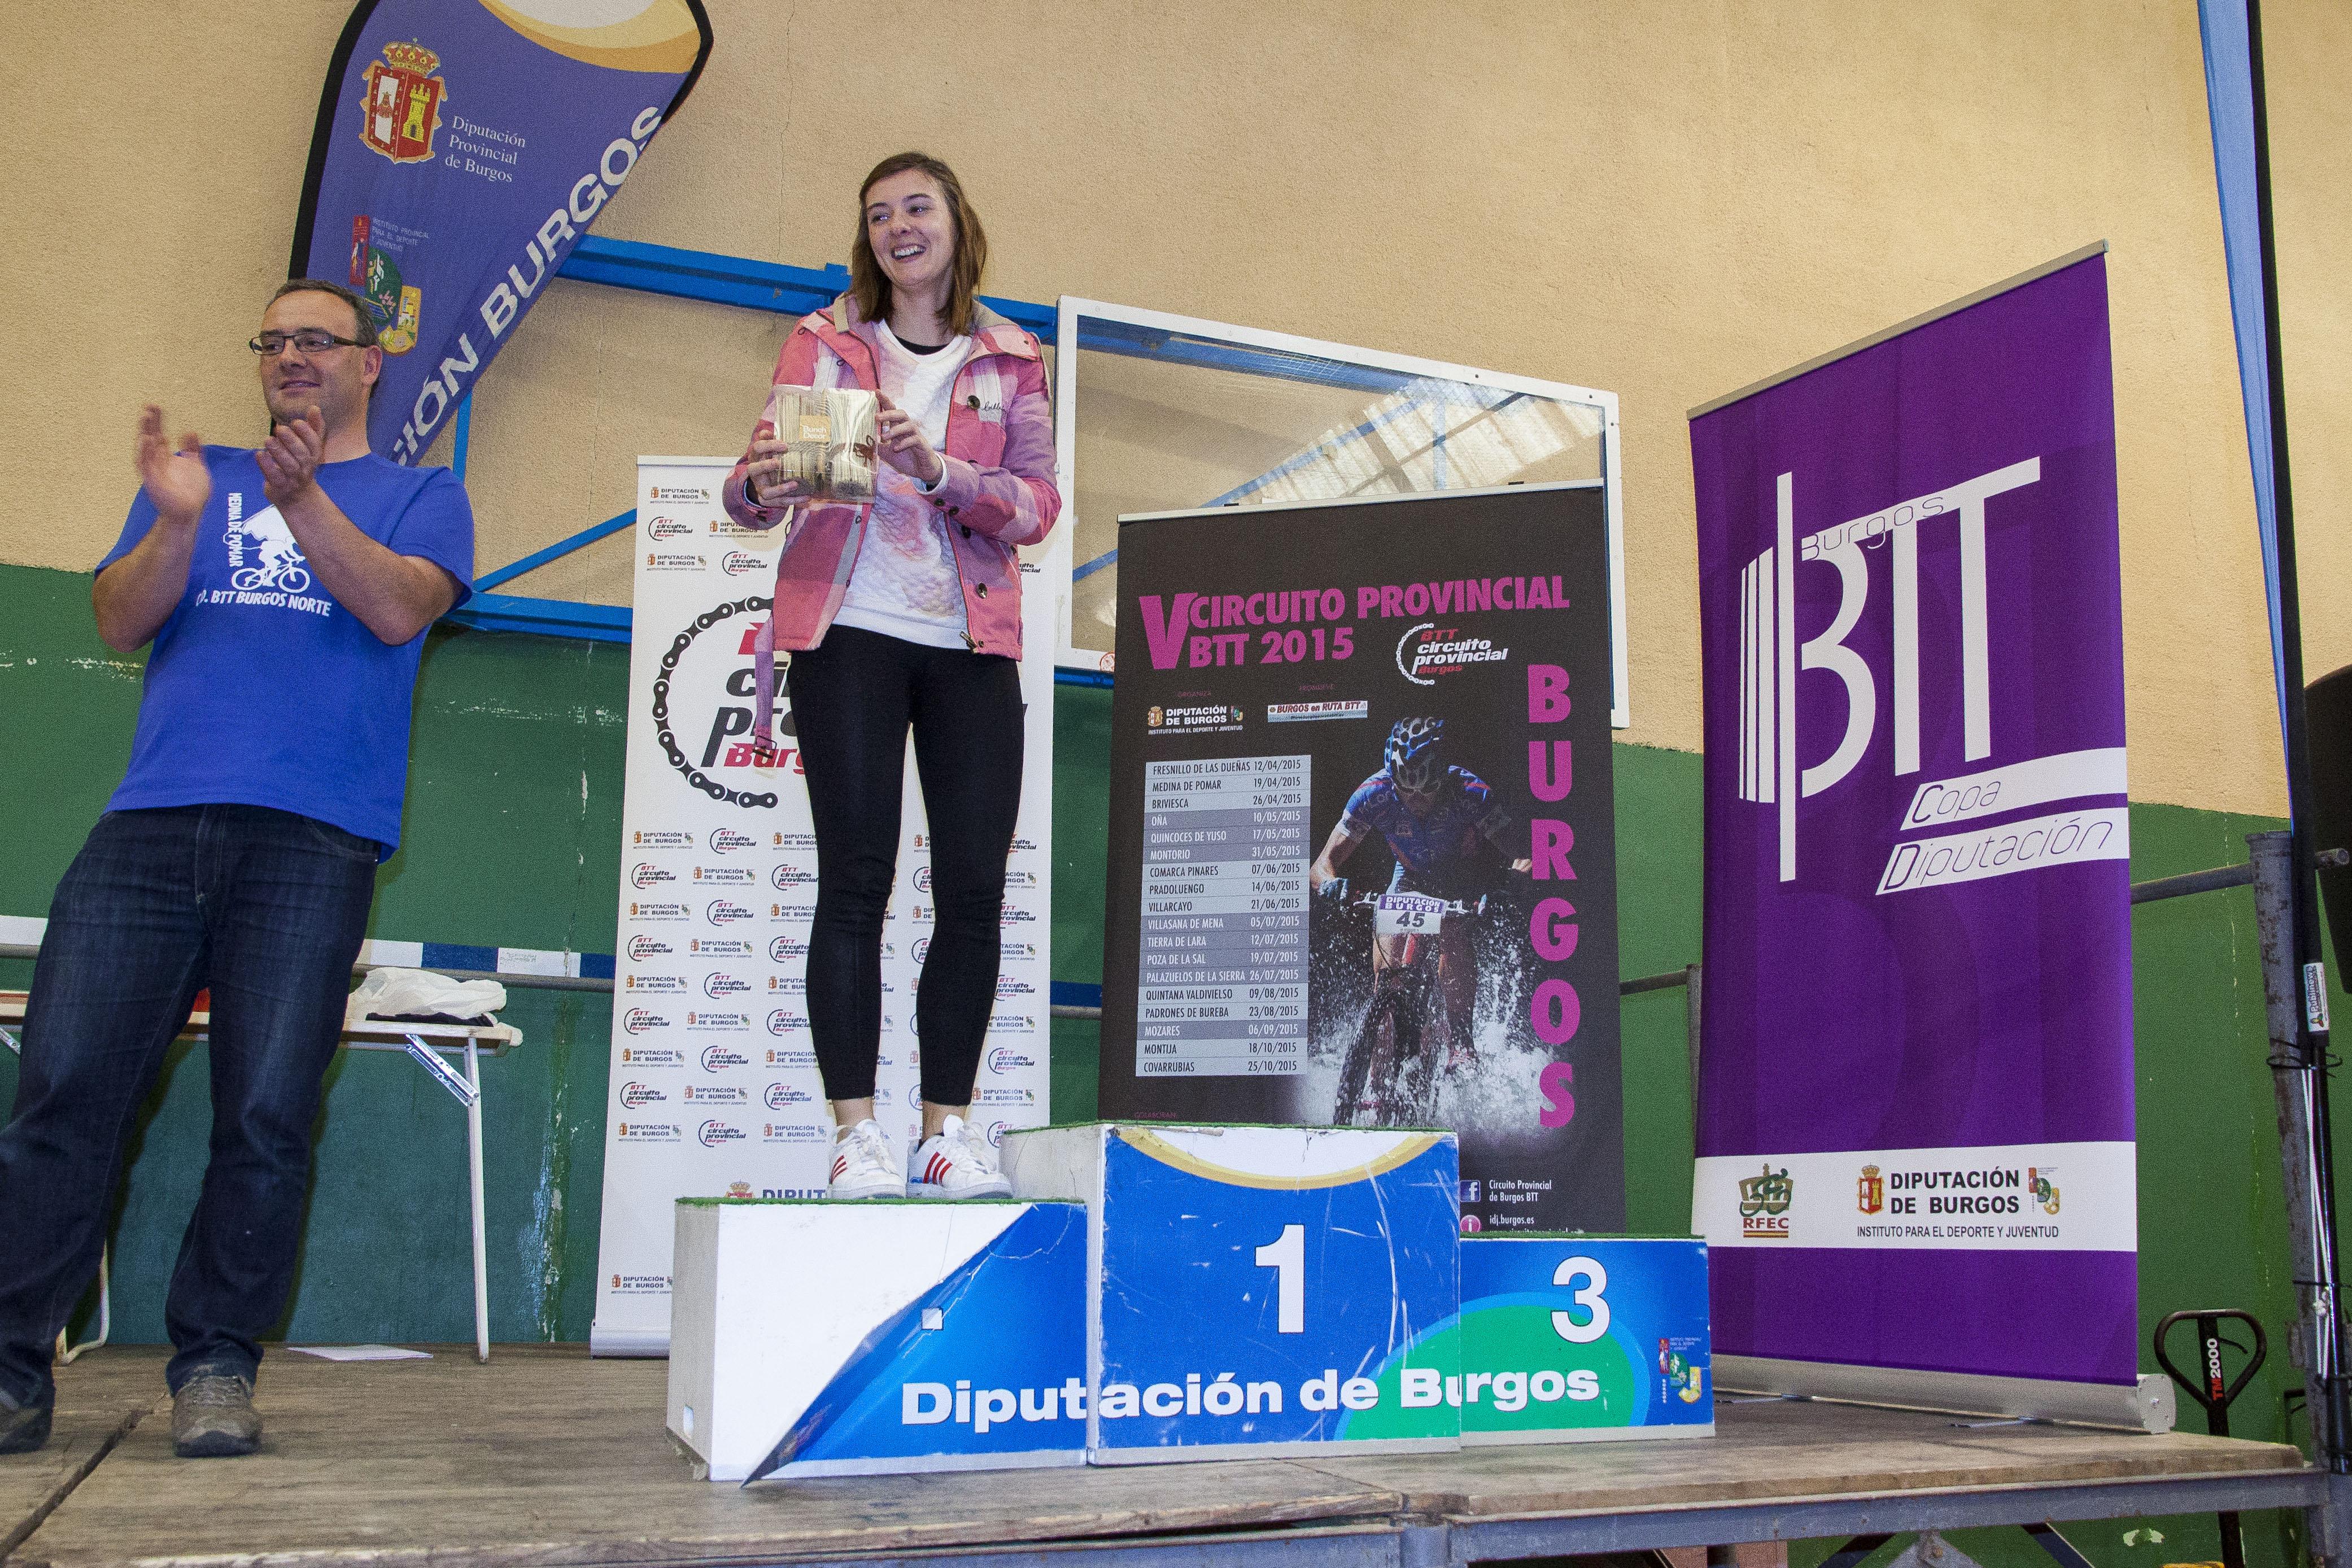 Entrega de premios marcha btt circuito provincial y sorteo for Muebles boom burgos